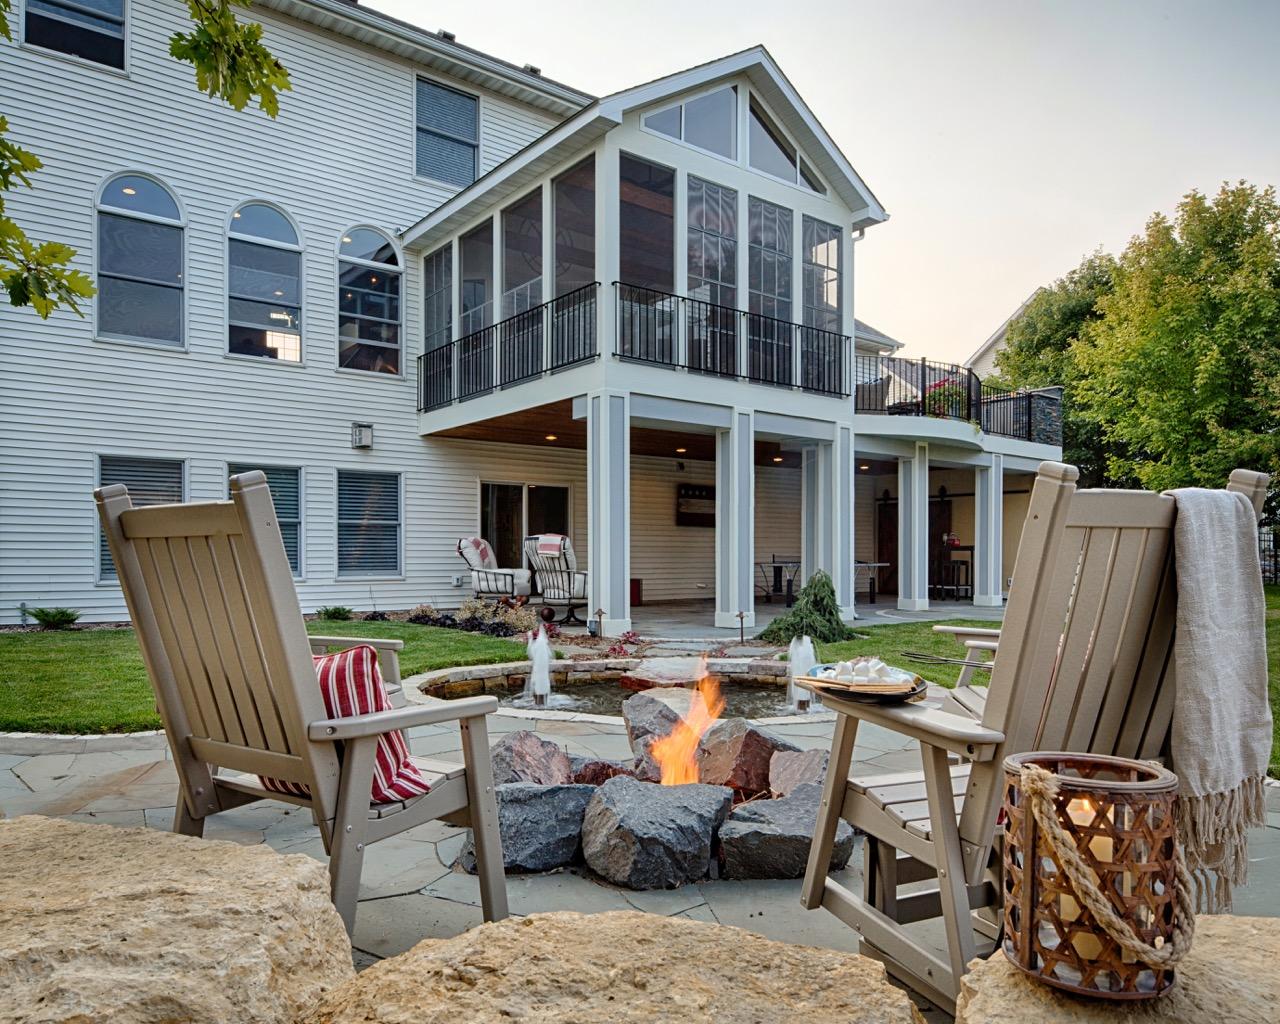 Moms Design Build - Backyard Landscape Porch Fire Place